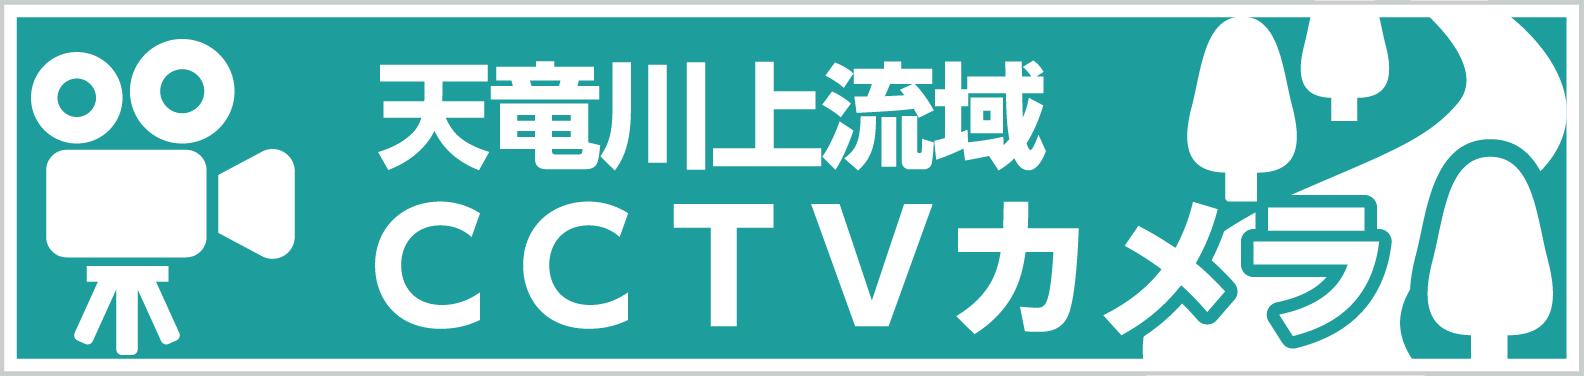 天竜川上流域CCTVカメラ